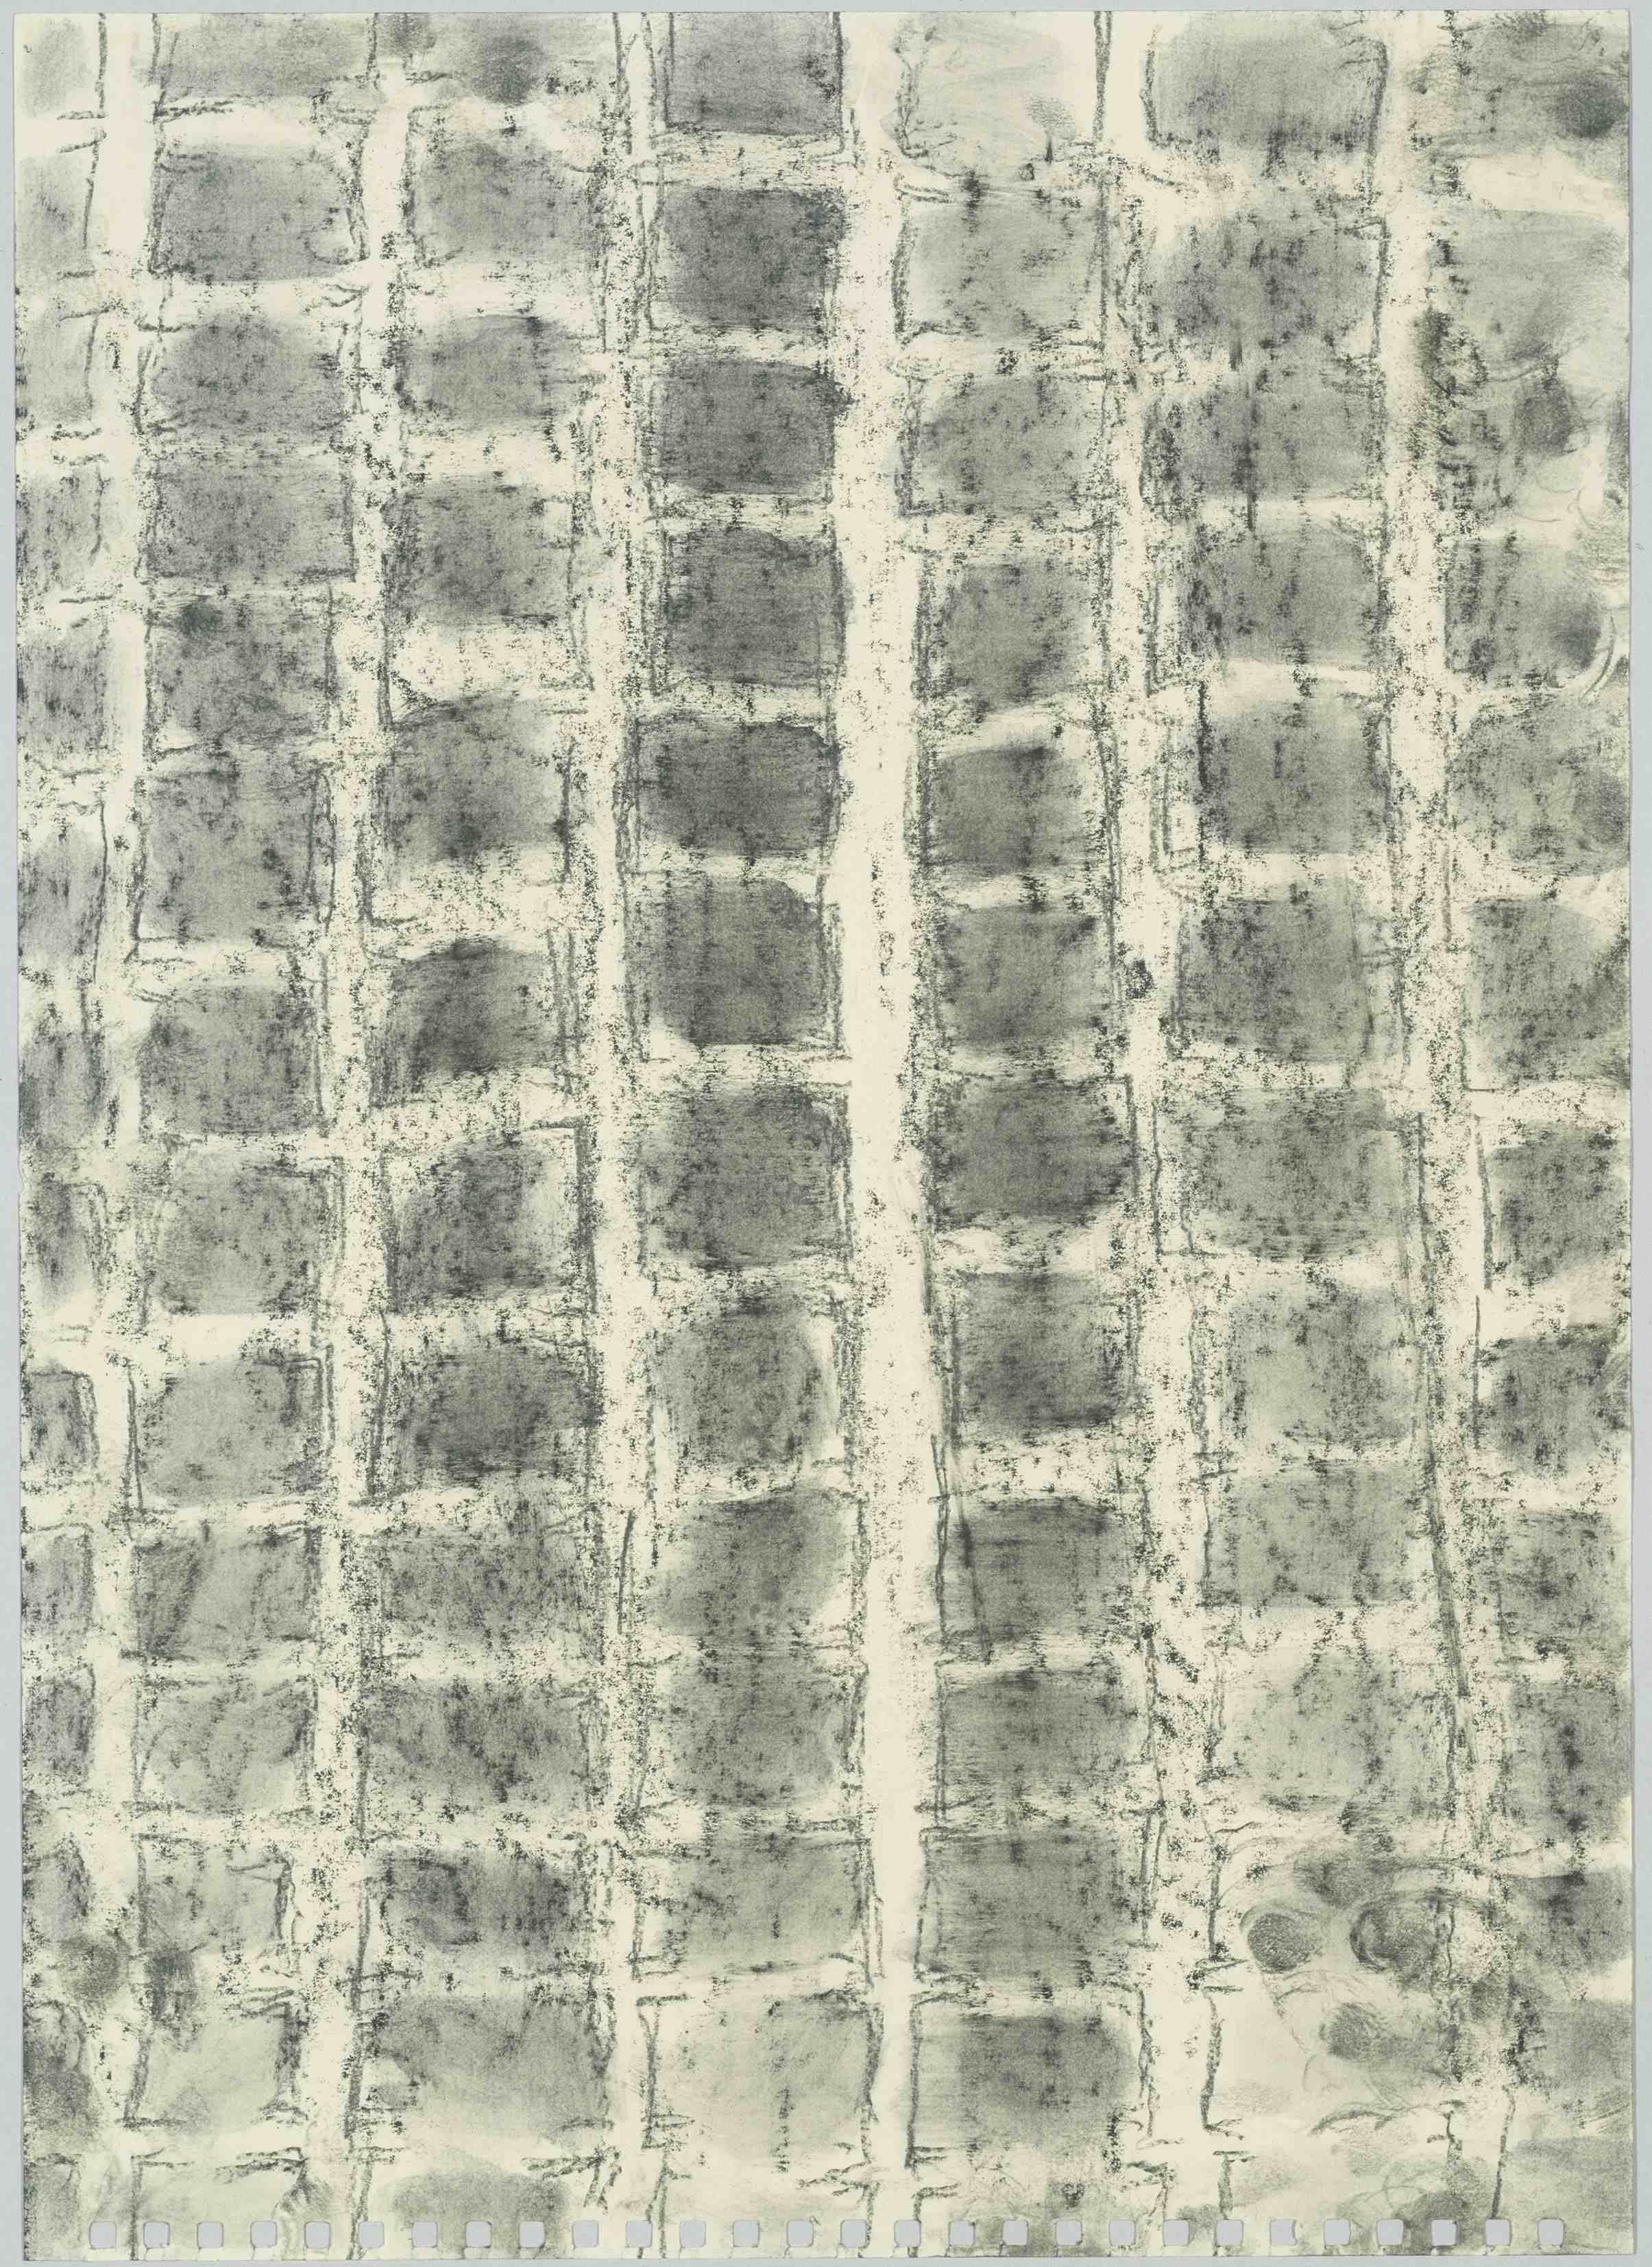 Linda Karshan: 9/3/00 (2), 2000 Bleistift auf Papier, 35,5 x 25,4 cm Sammlung Schering Stiftung im Kupferstichkabinett, Staatliche Museen zu Berlin © Bernhard Leitner / Volker-H. Schneider, Berlin/bpk